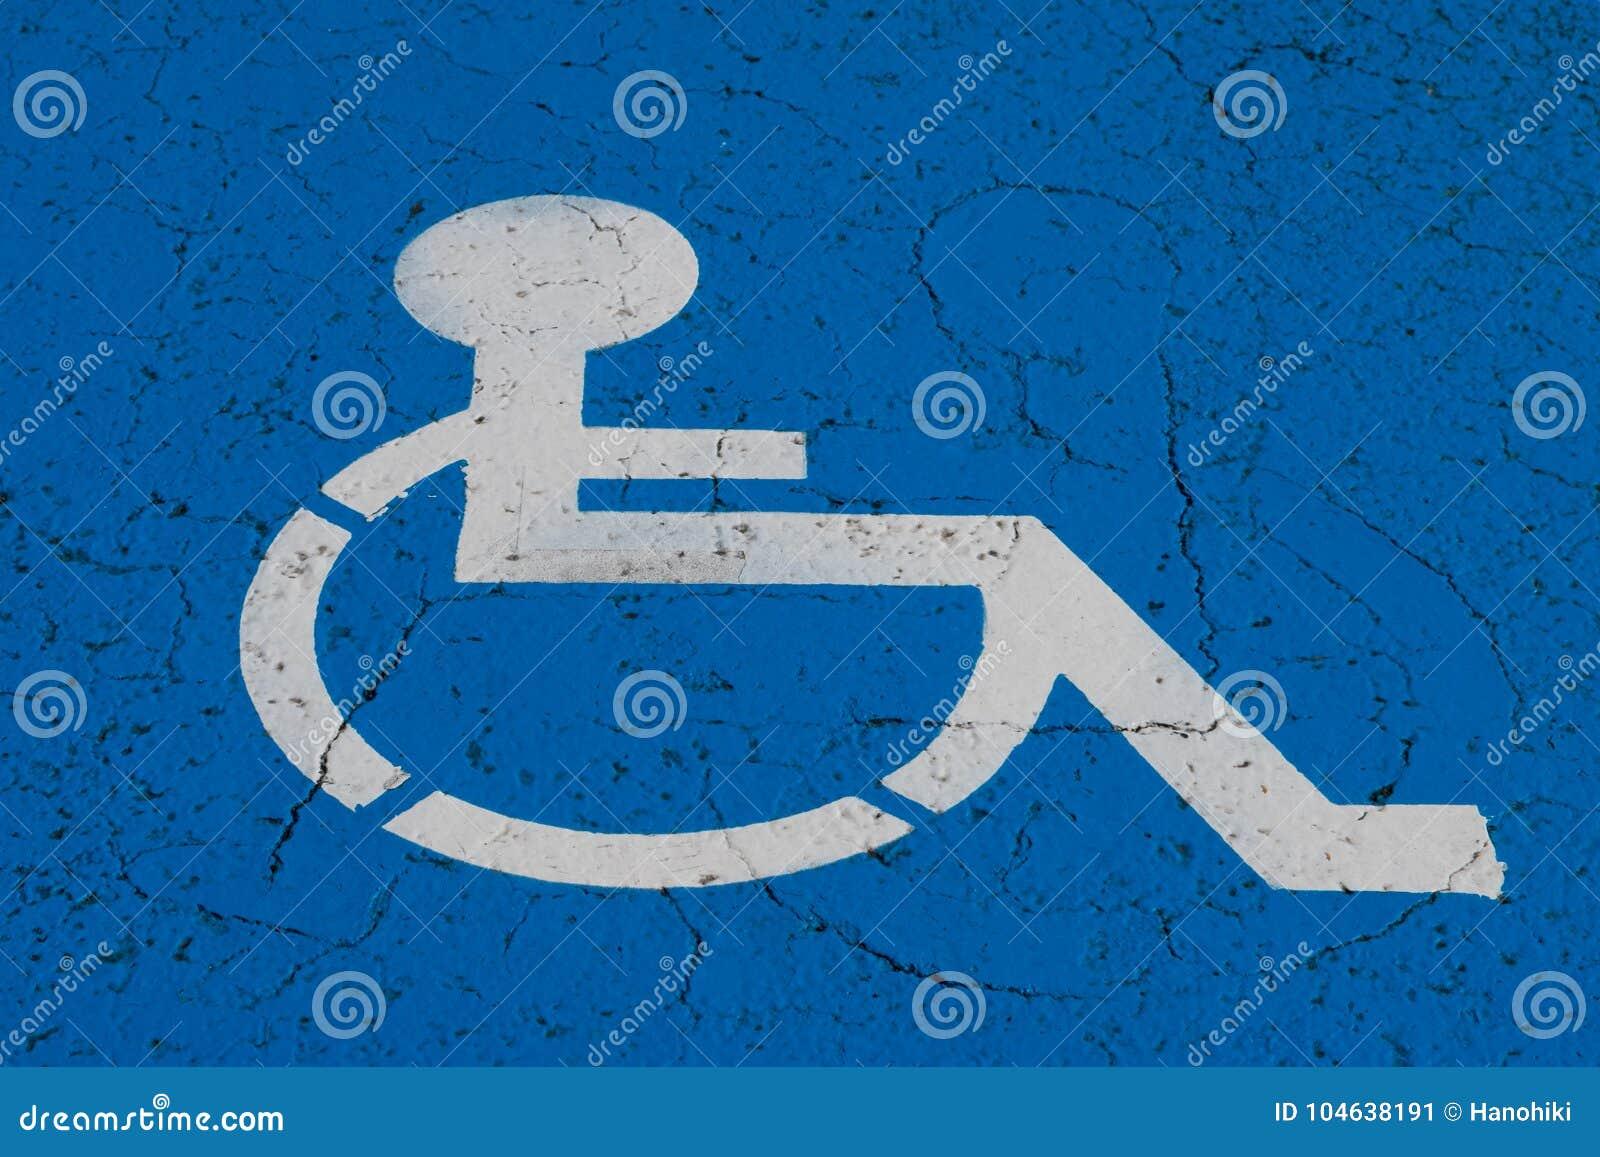 Download Rolstoelsymbool Op De Vlek Van Het Handicapparkeren Stock Afbeelding - Afbeelding bestaande uit bestrating, gereserveerd: 104638191